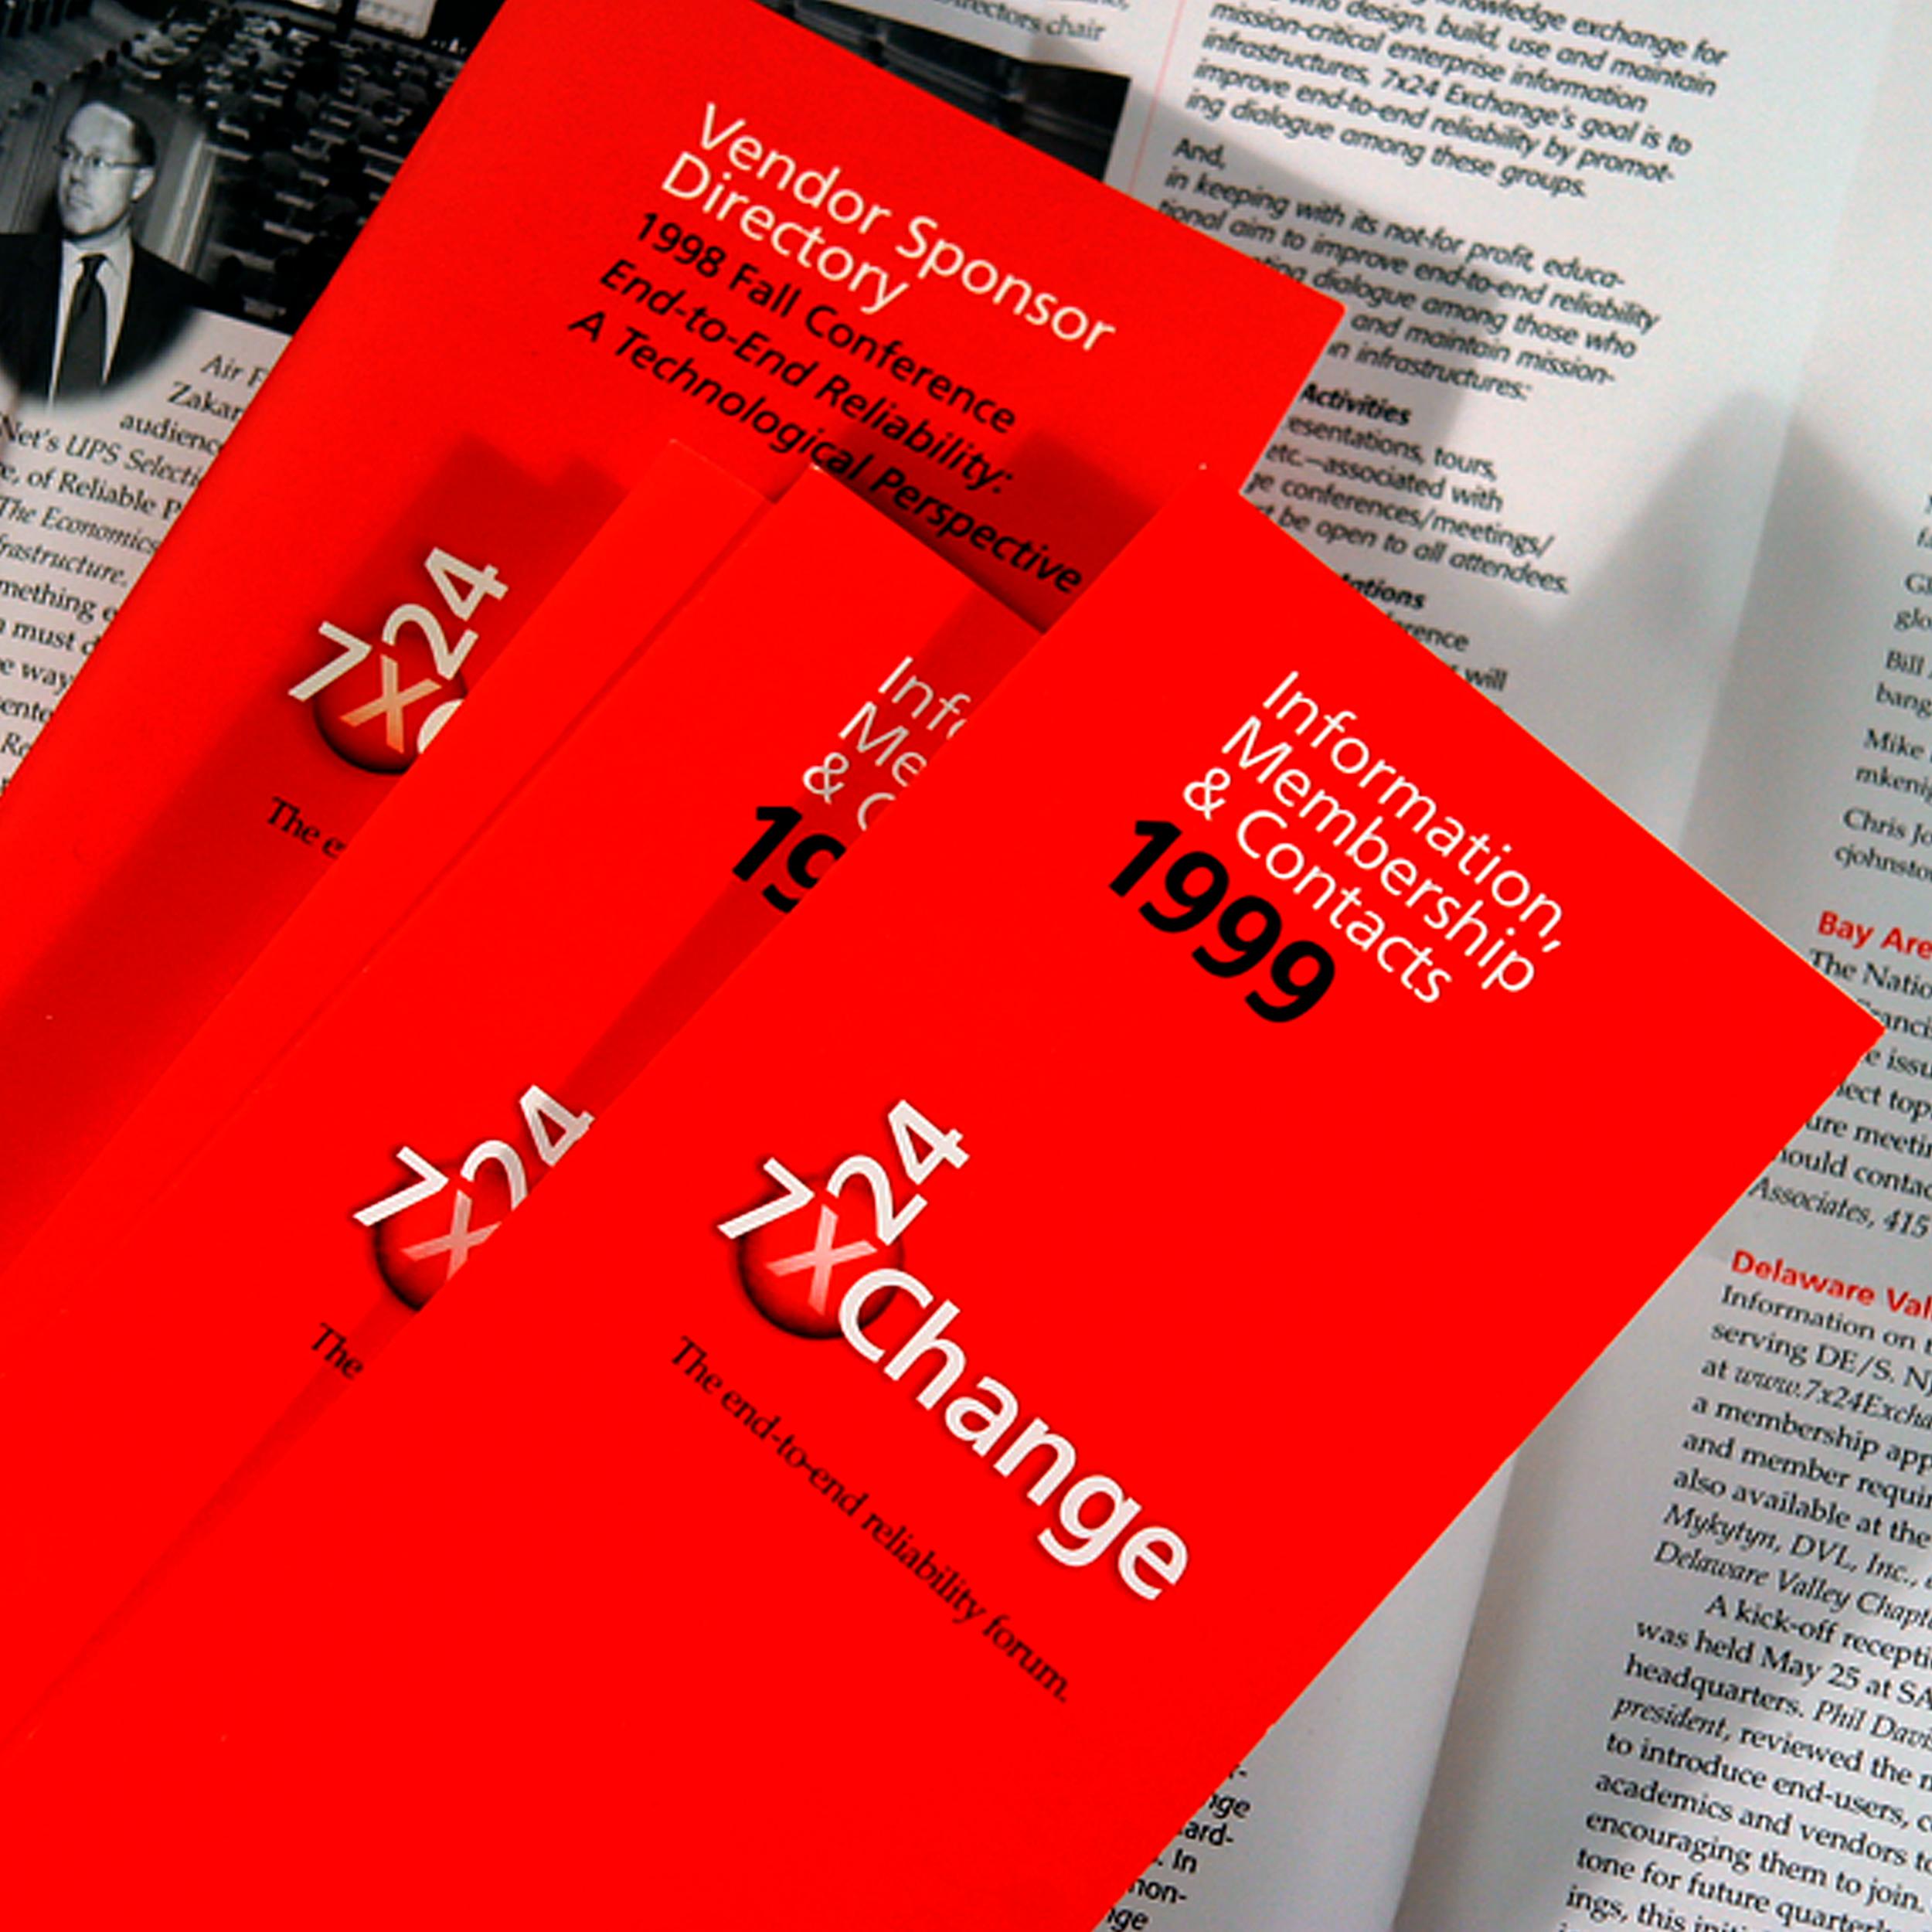 7x24_brochures_2x.png